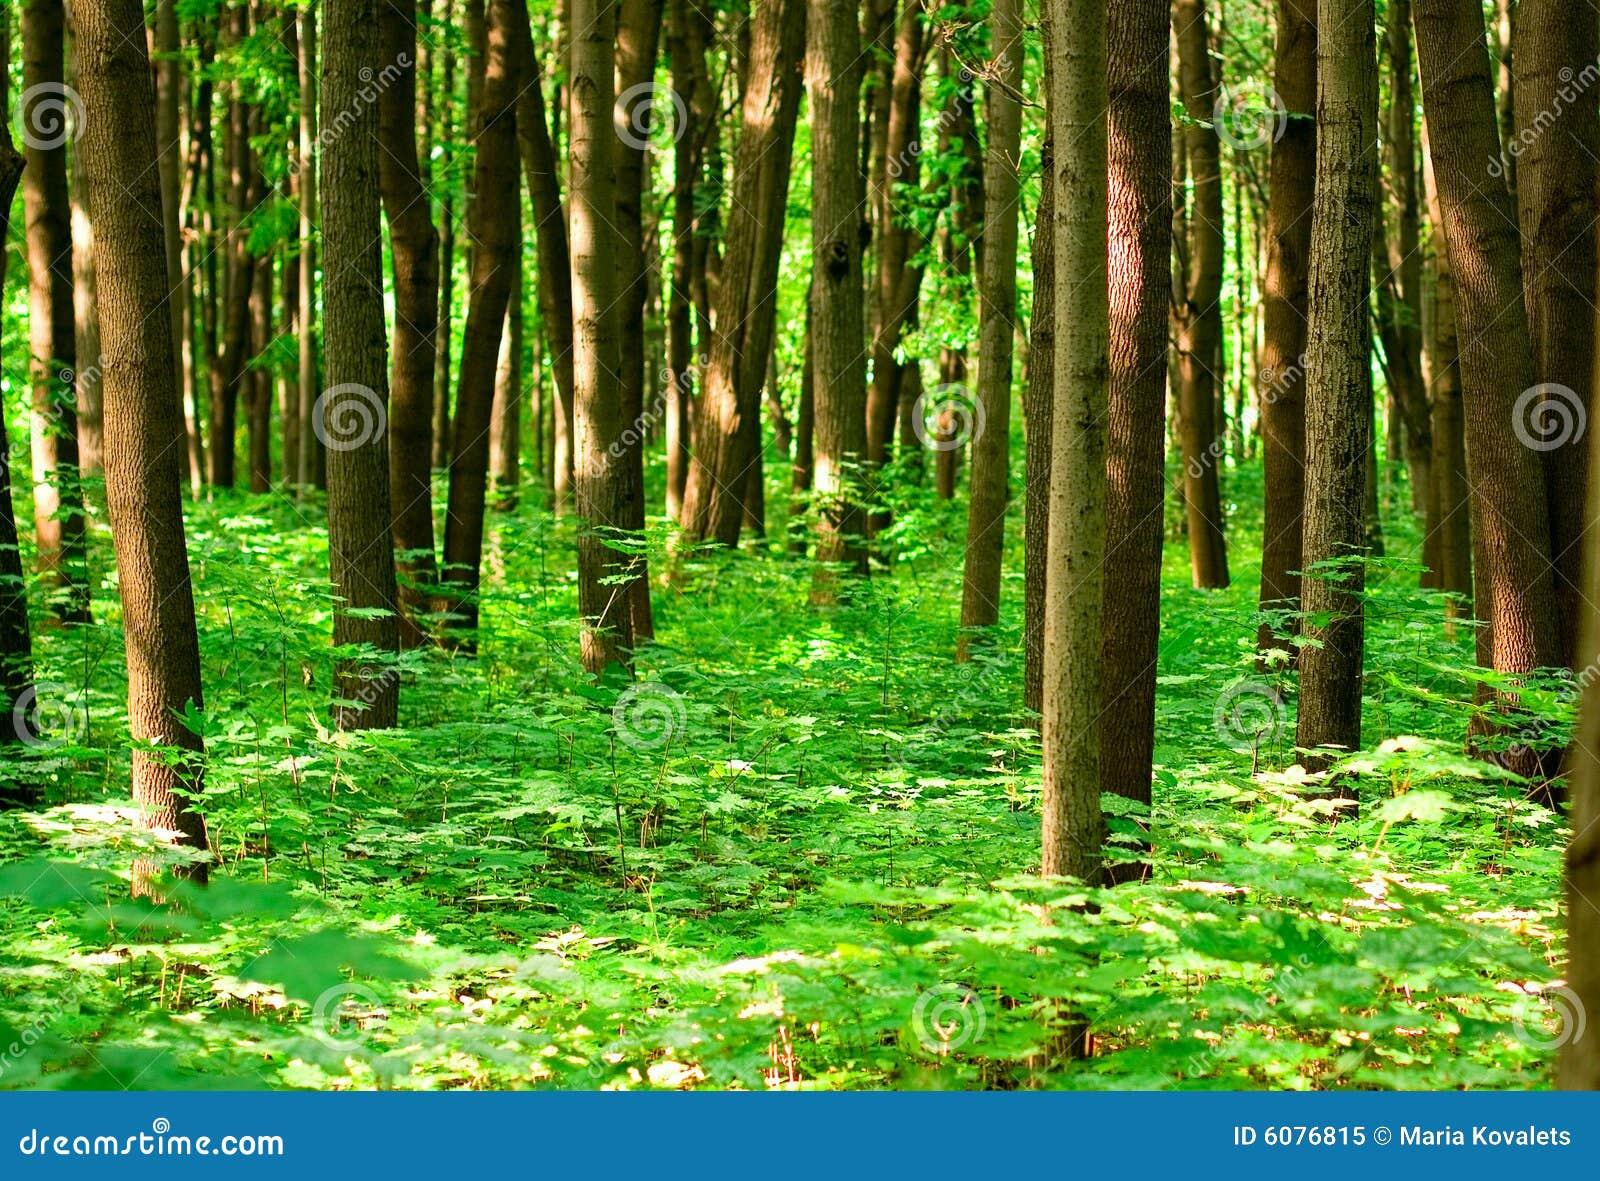 森林夏天图片